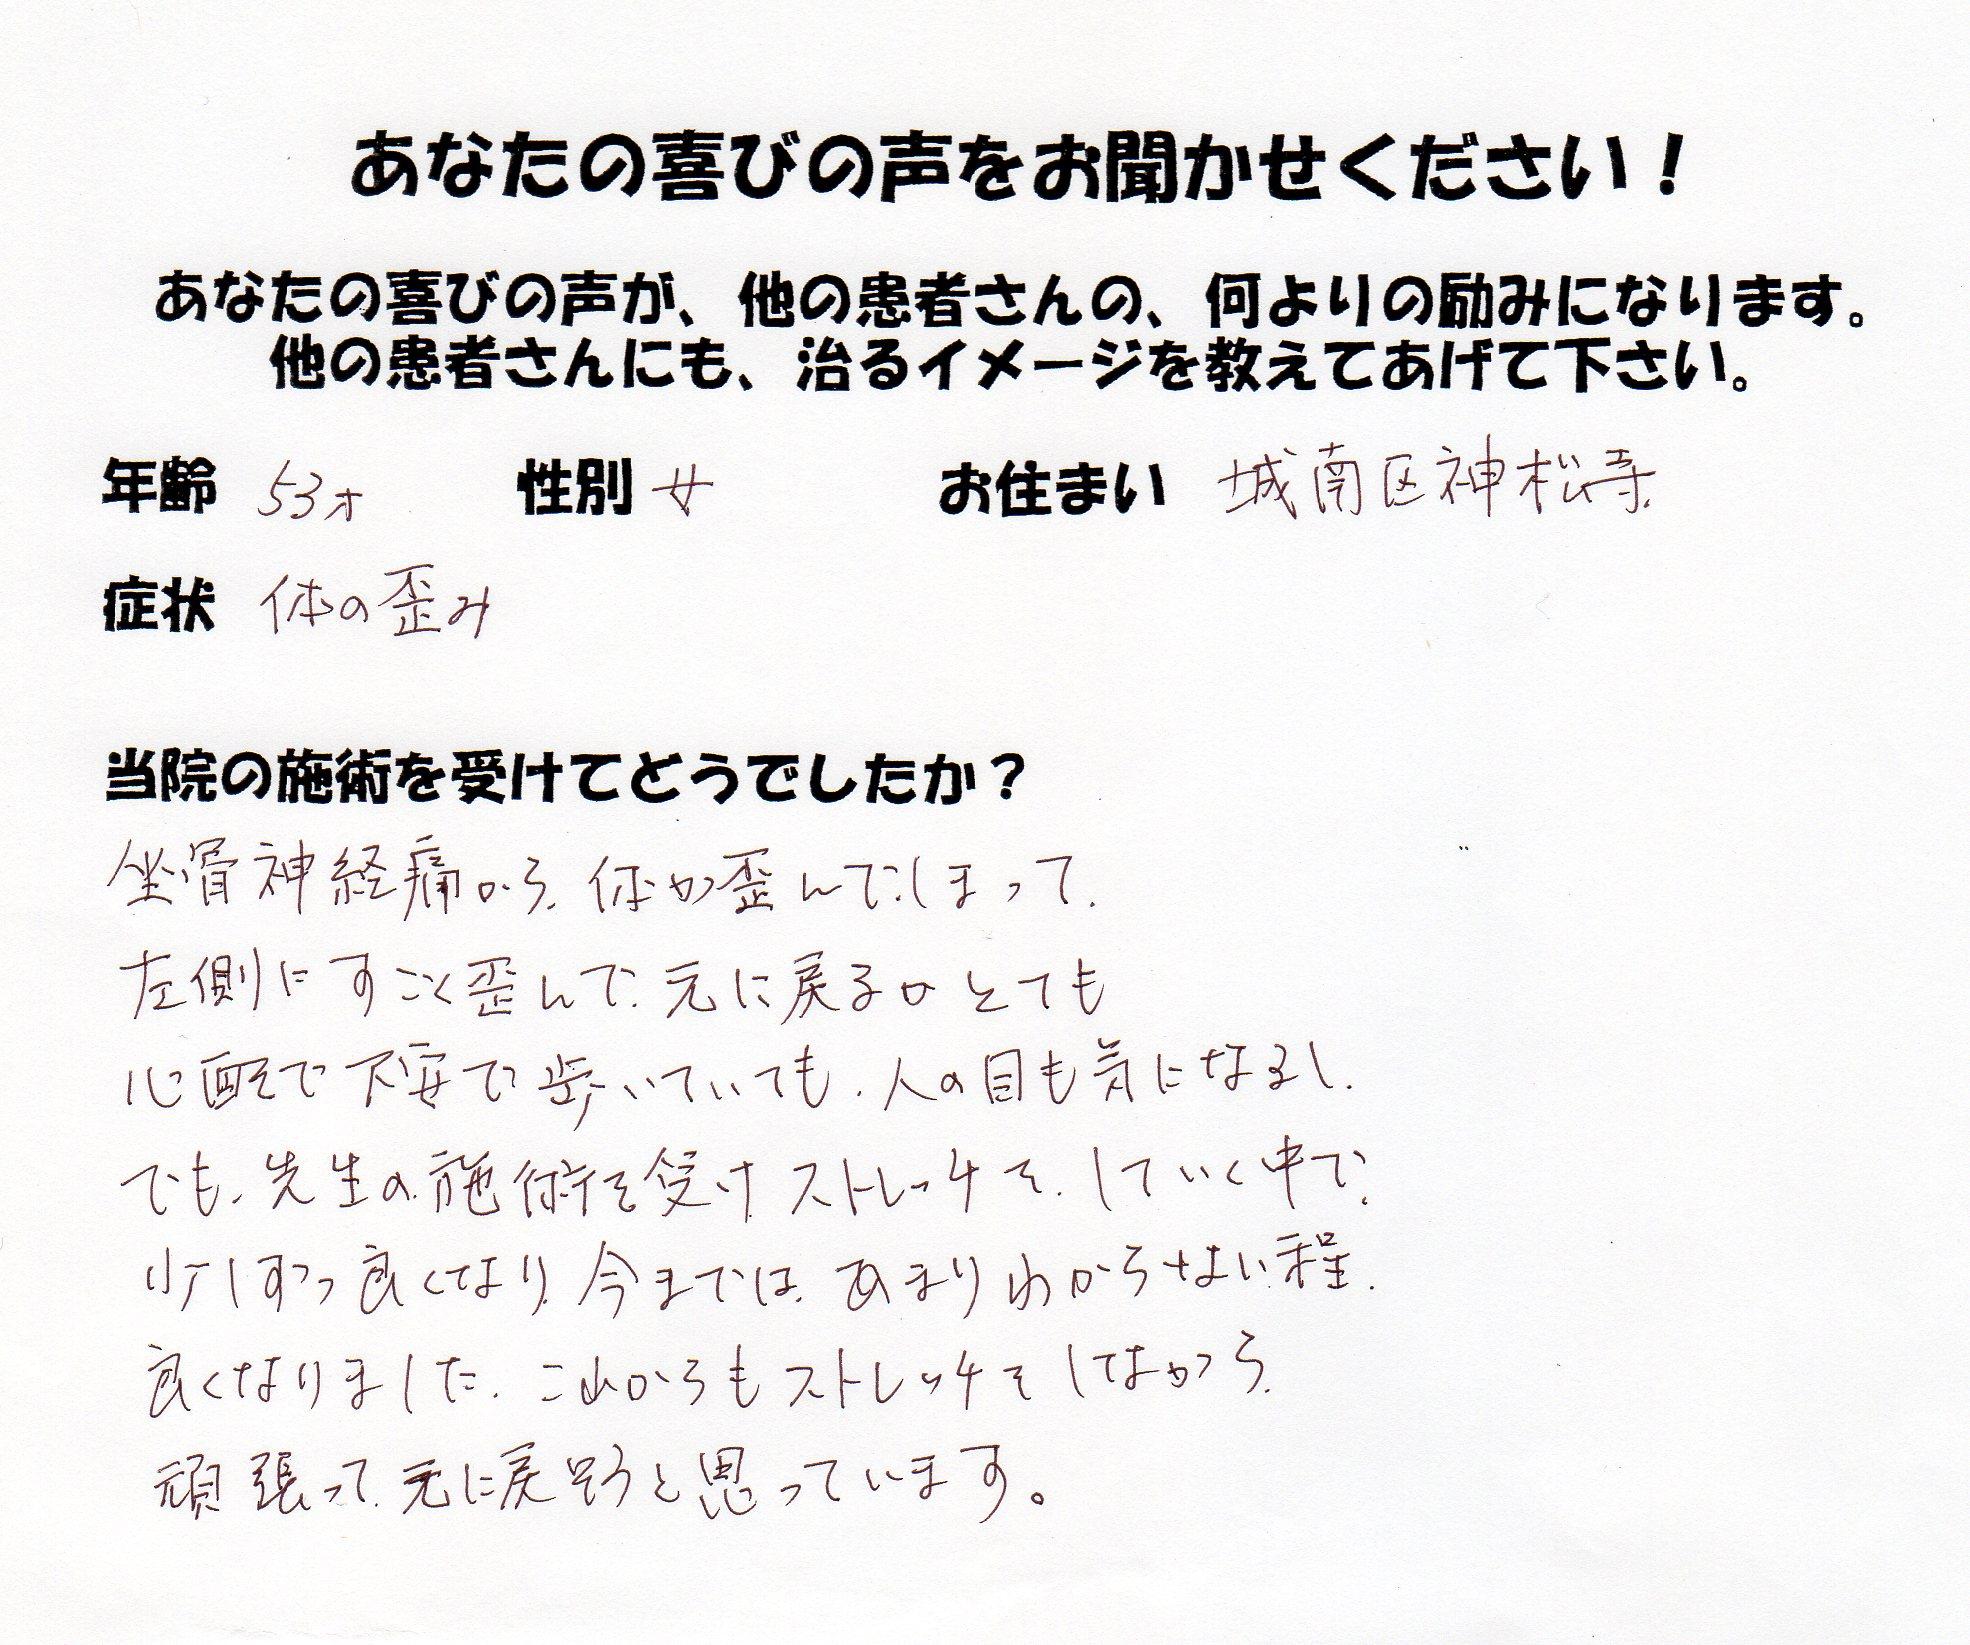 福岡市中央区、城南区、早良区の女性に人気の腰痛整体、坐骨神経痛、首こり、頭痛